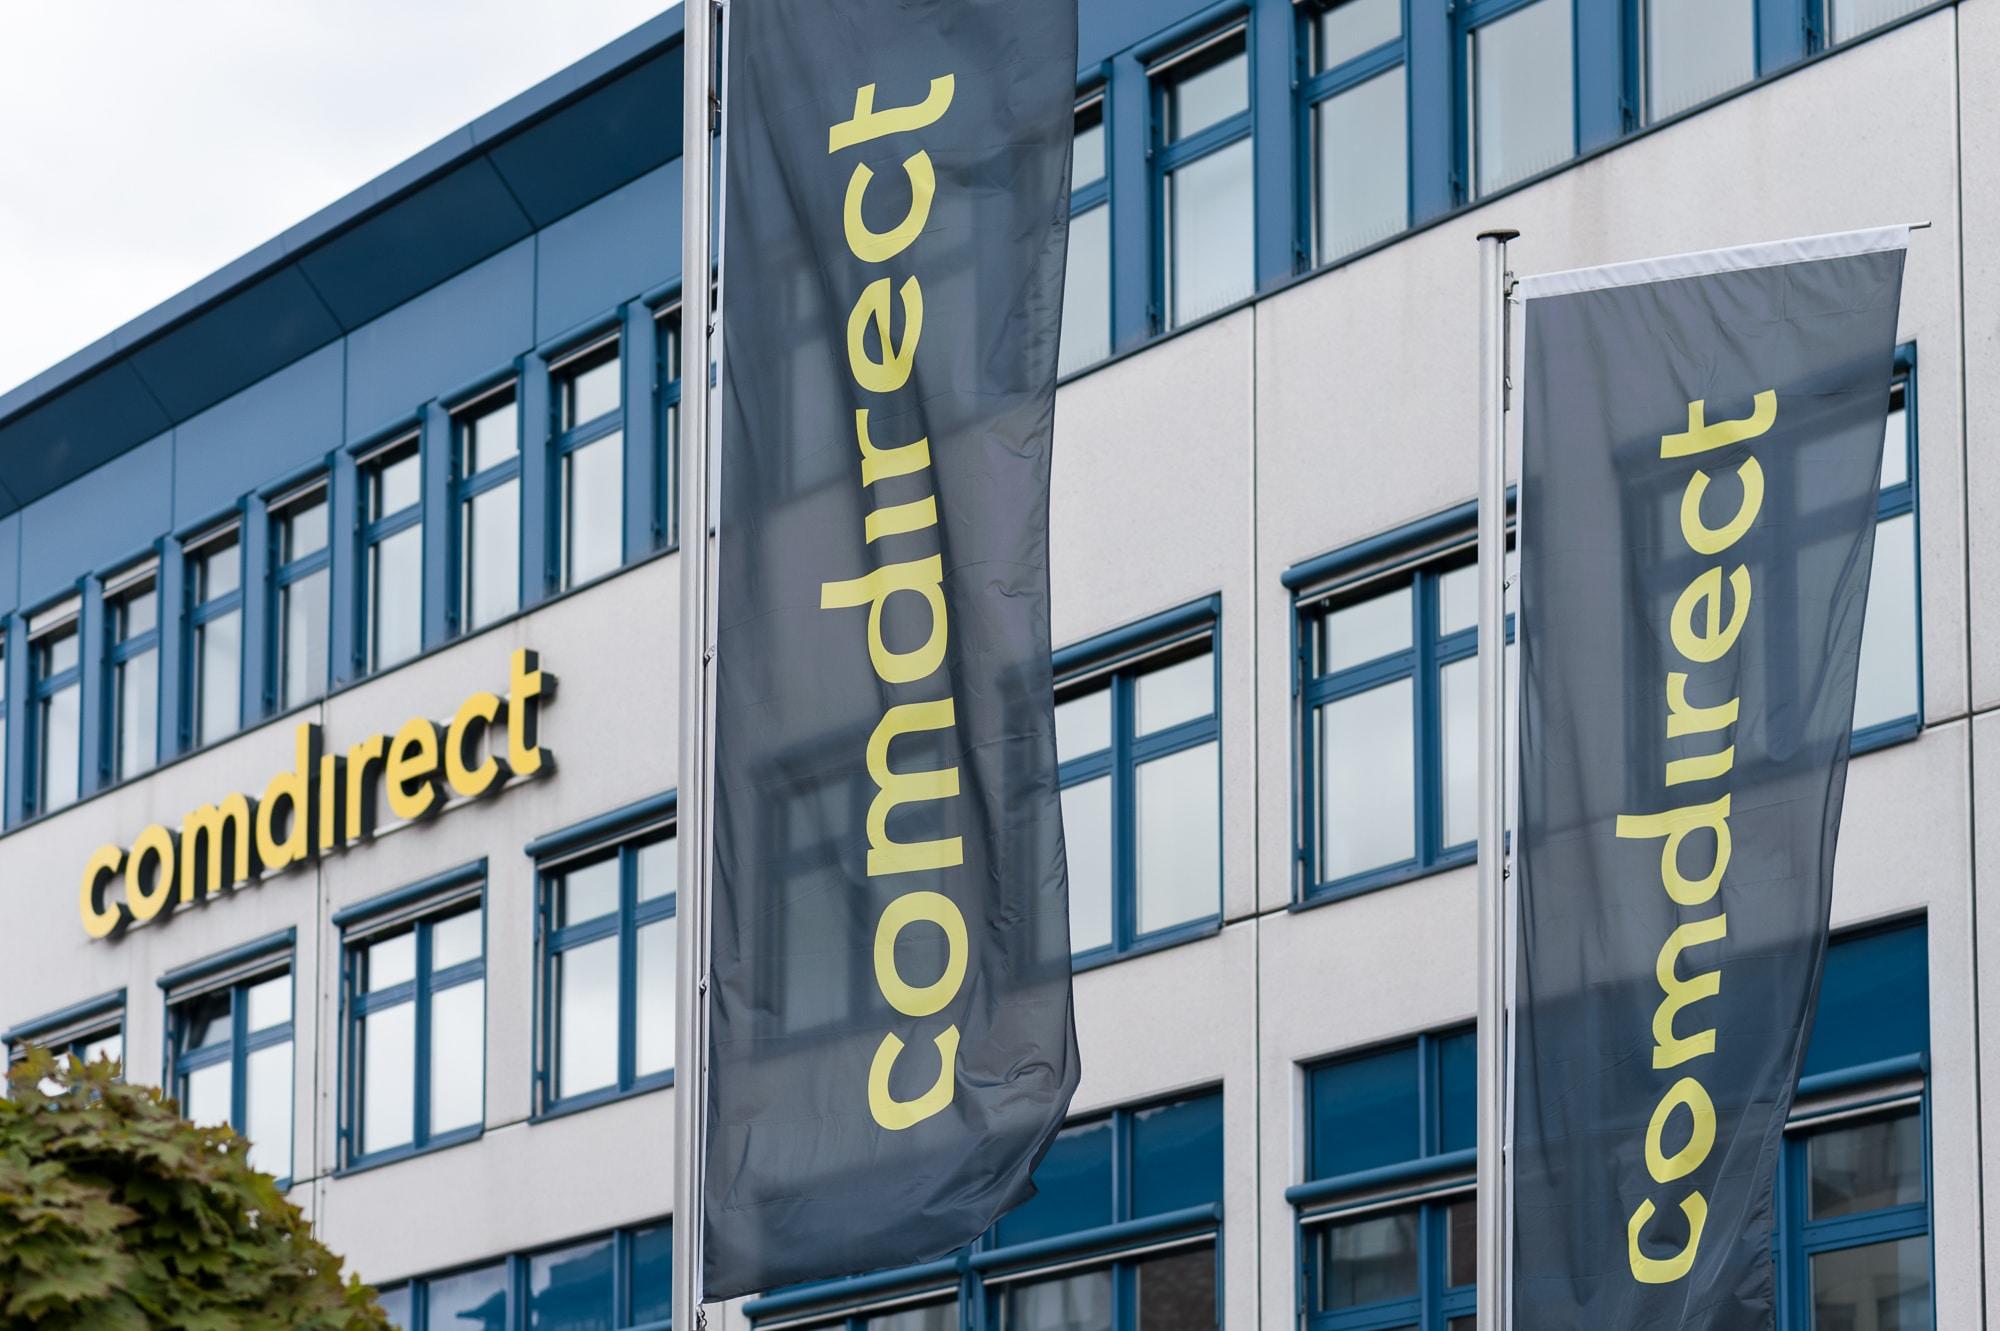 Bild von comdirect-Bank mit schwerer Sicherheitspanne in den Morgenstunden